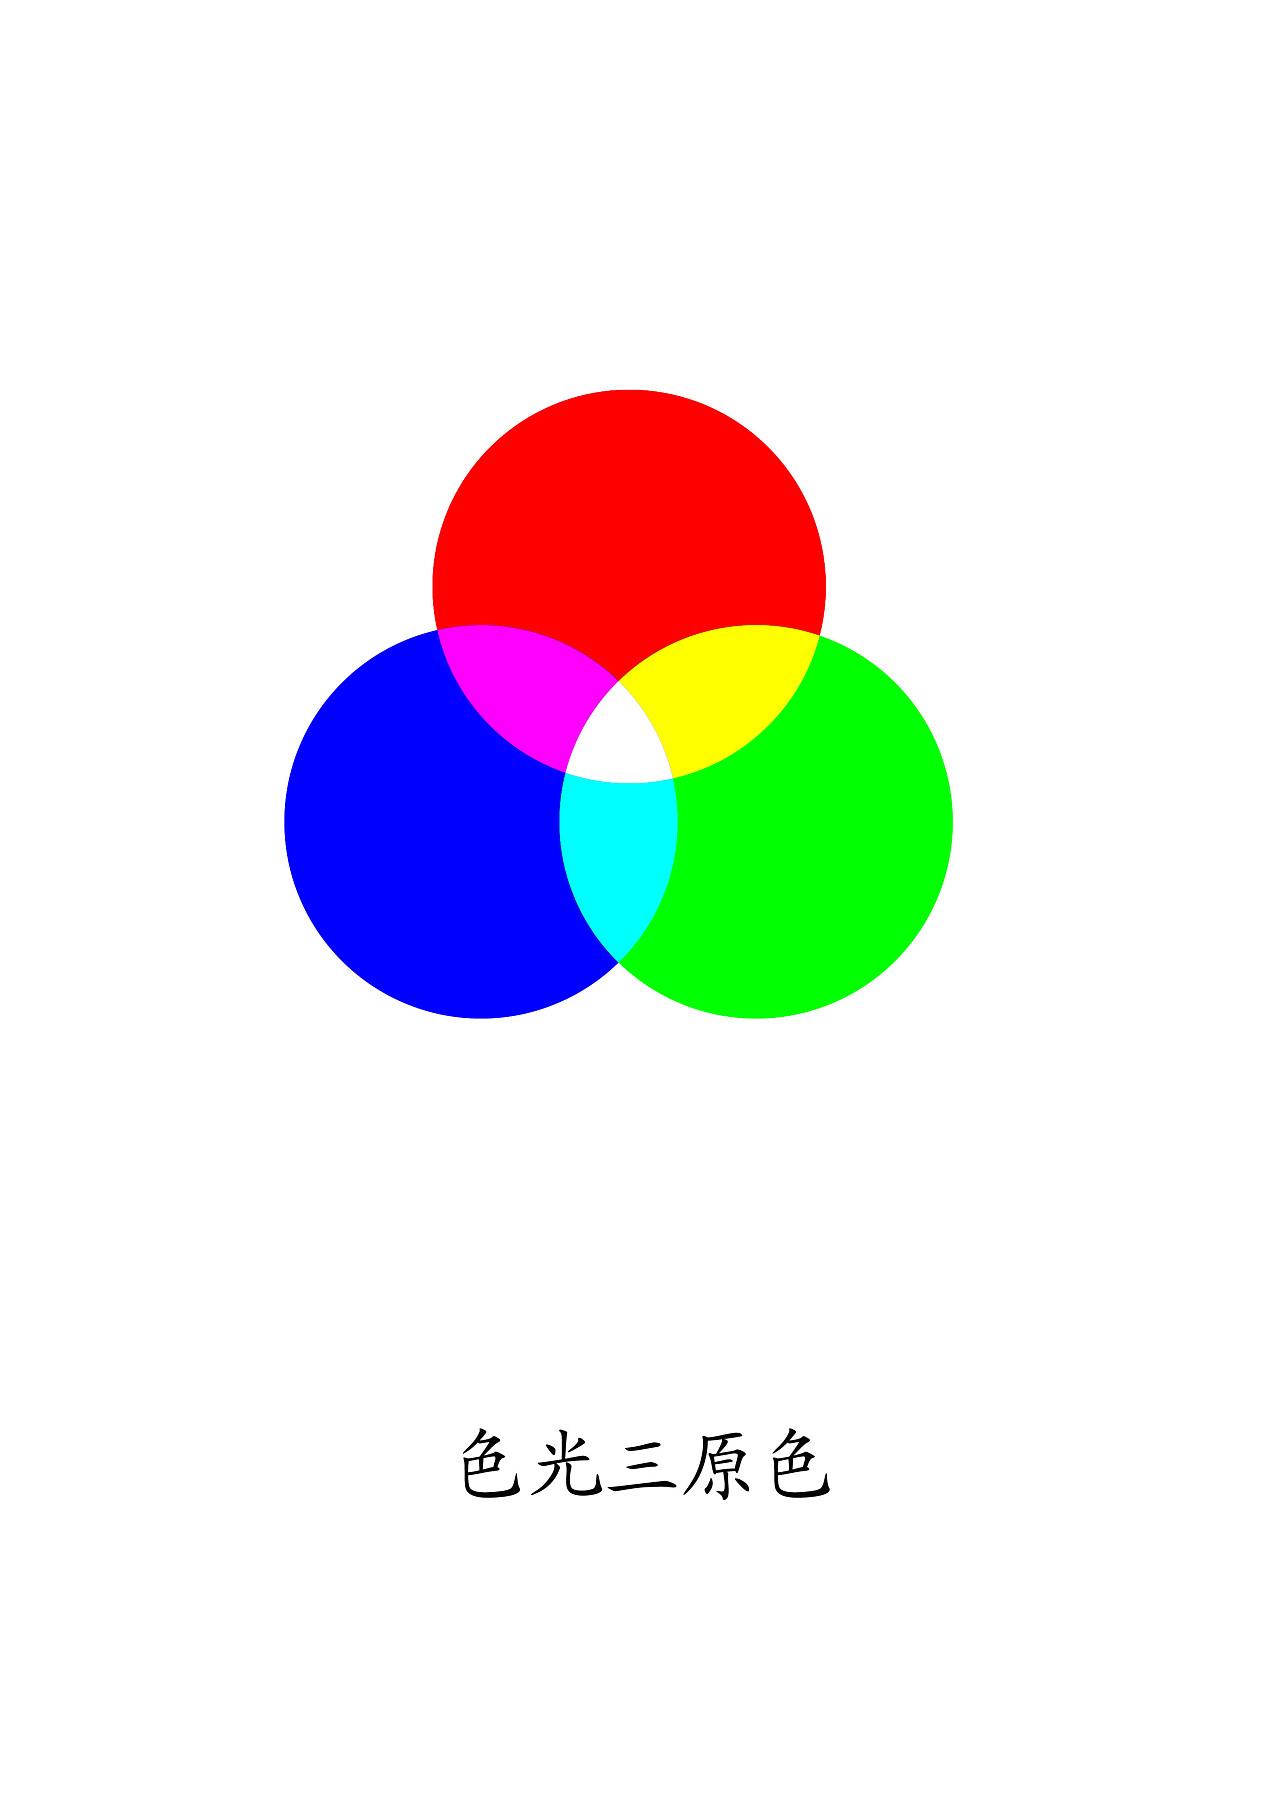 色�_色光三原色